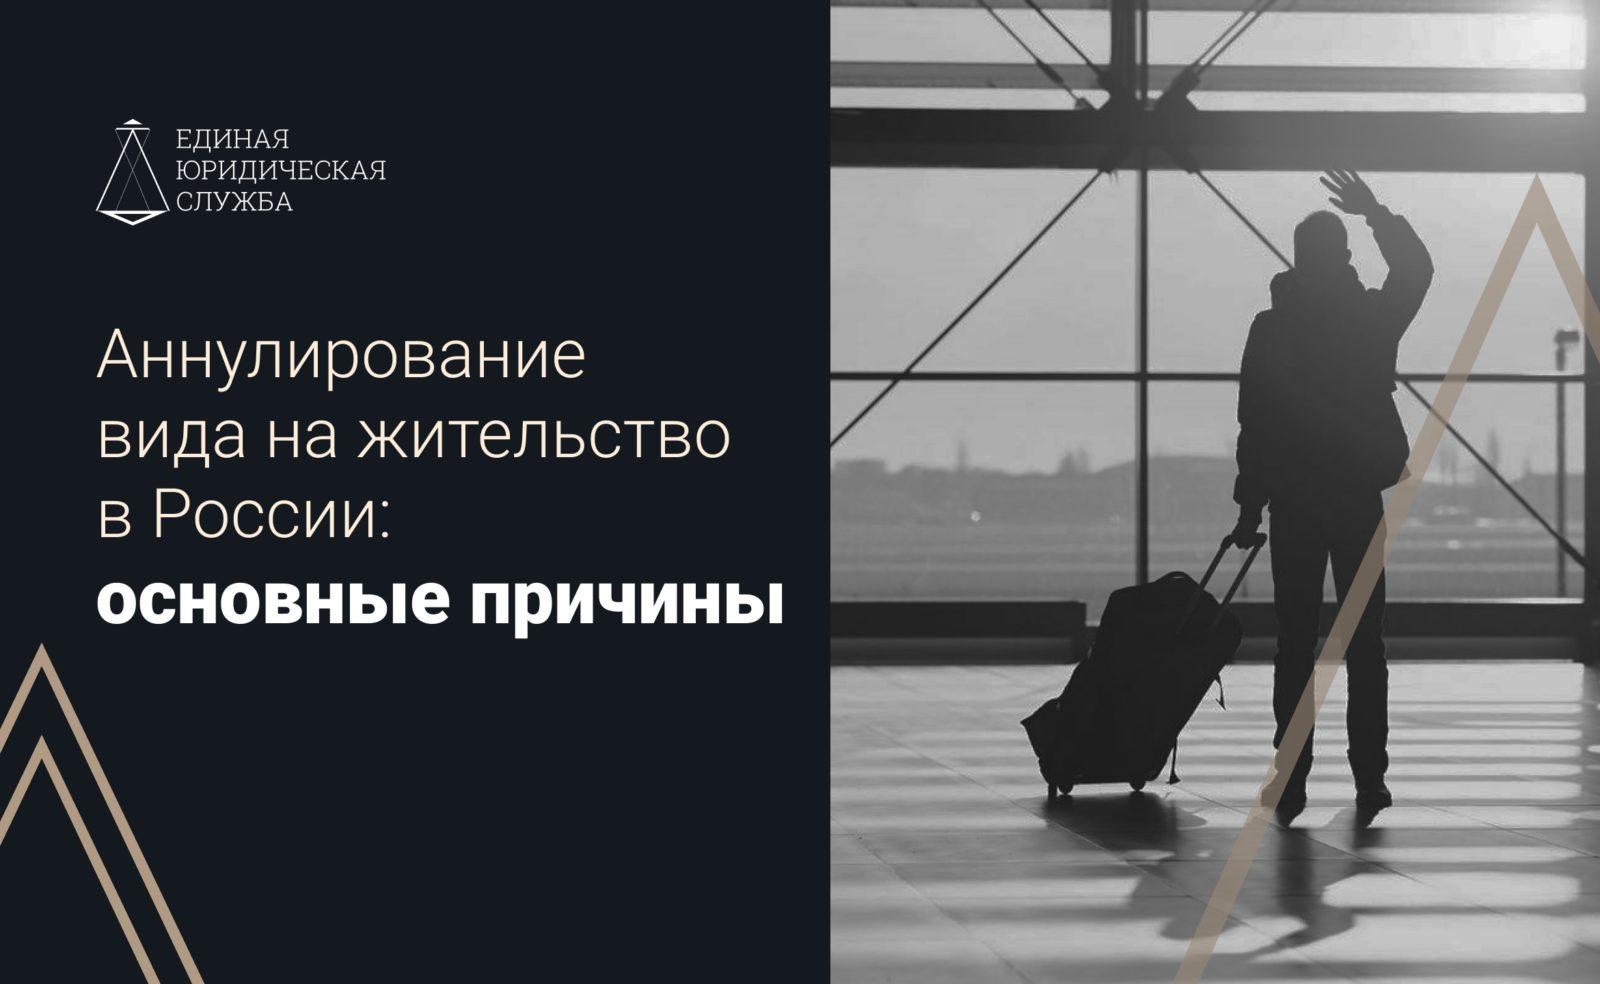 Аннулирование вида на жительство в России: основные причины